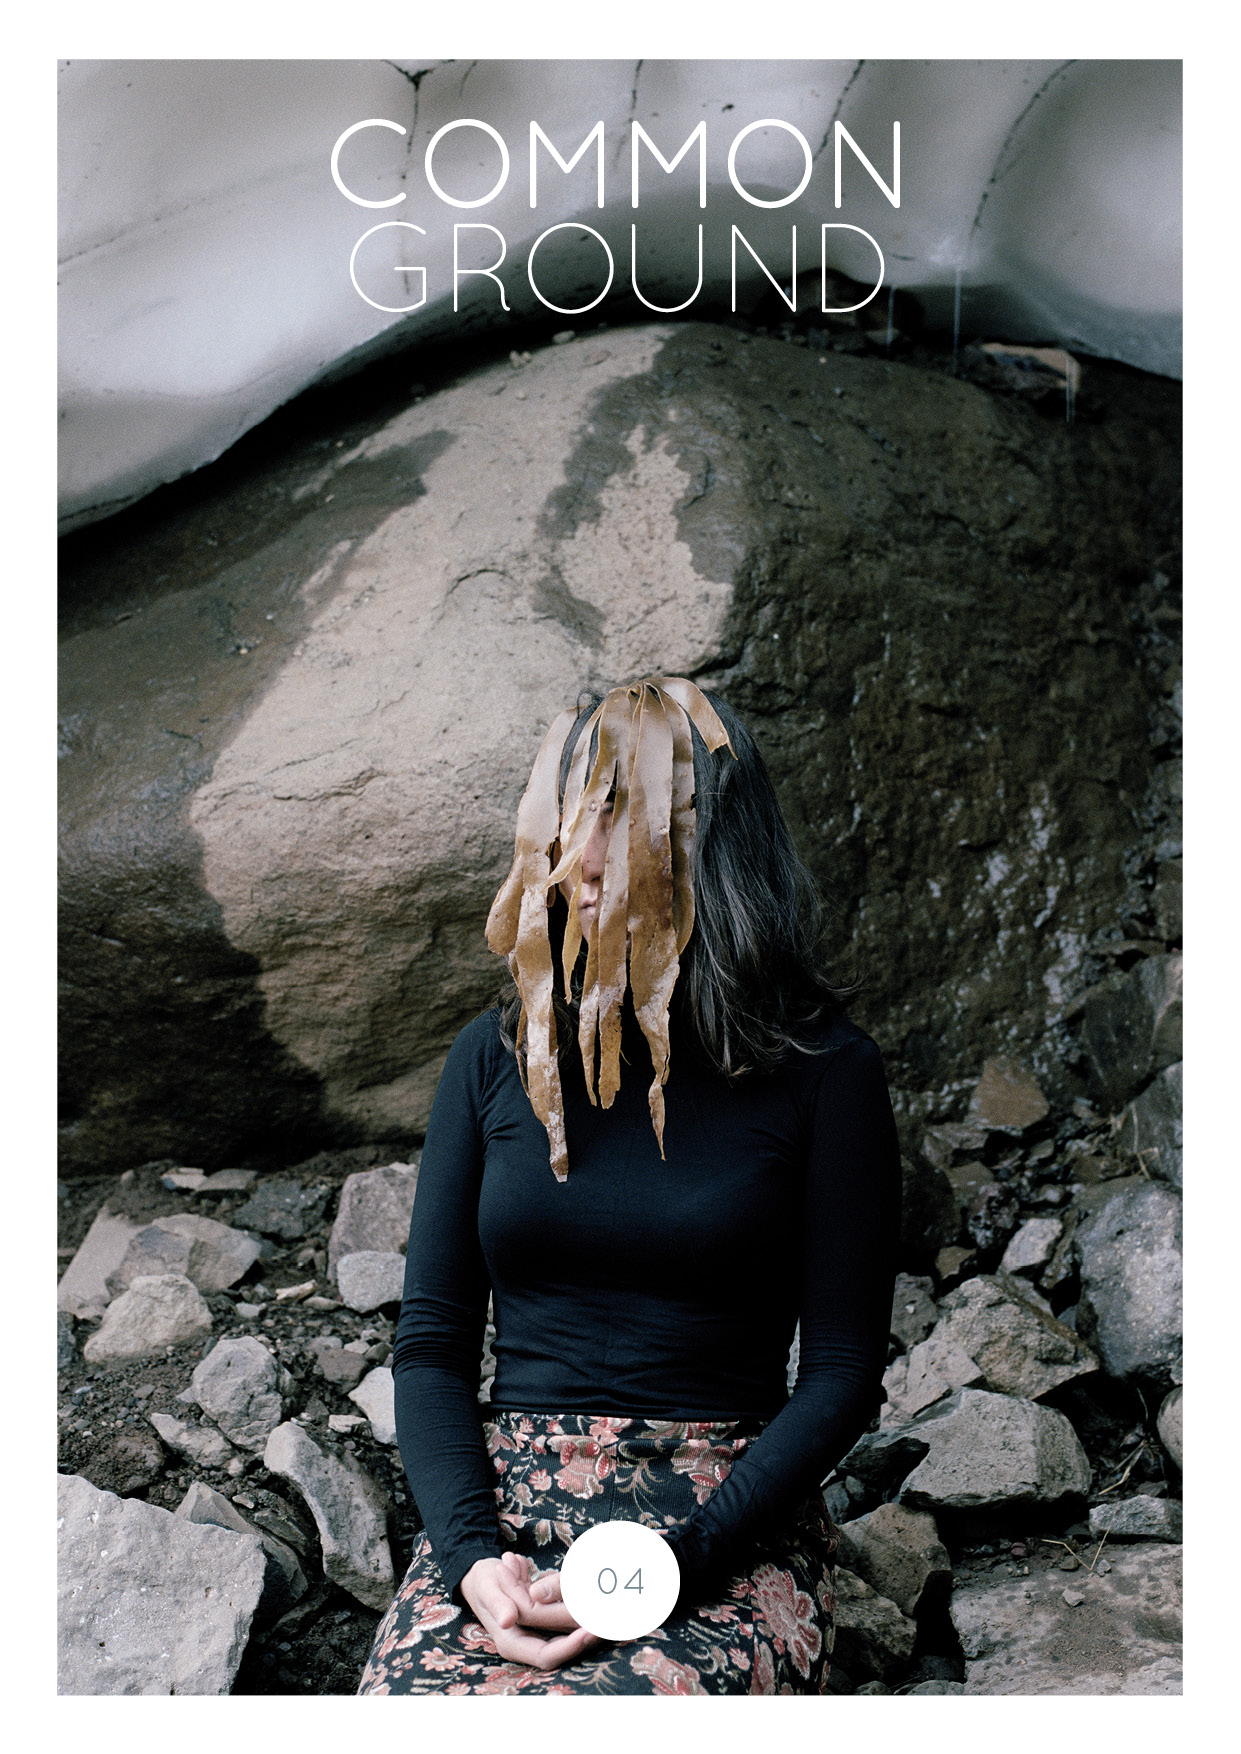 CommonGround_Issue4.jpg